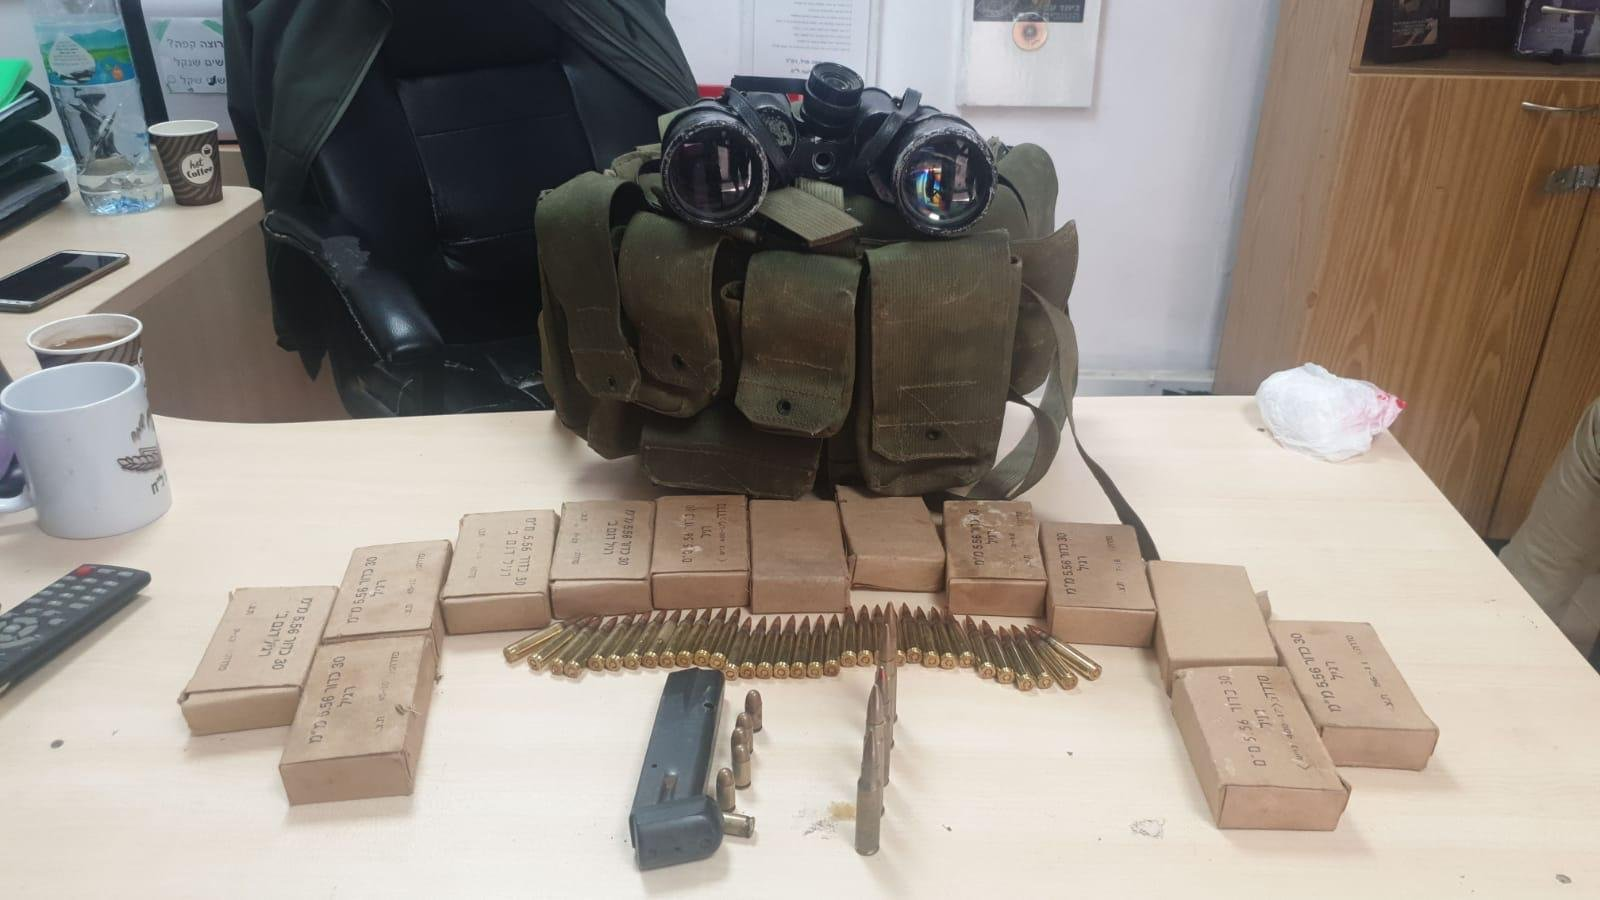 الشرطة: ضبطنا منذ بداية العام 3661 قطعة سلاح  .. 80% منها بالمجتمع العربي!